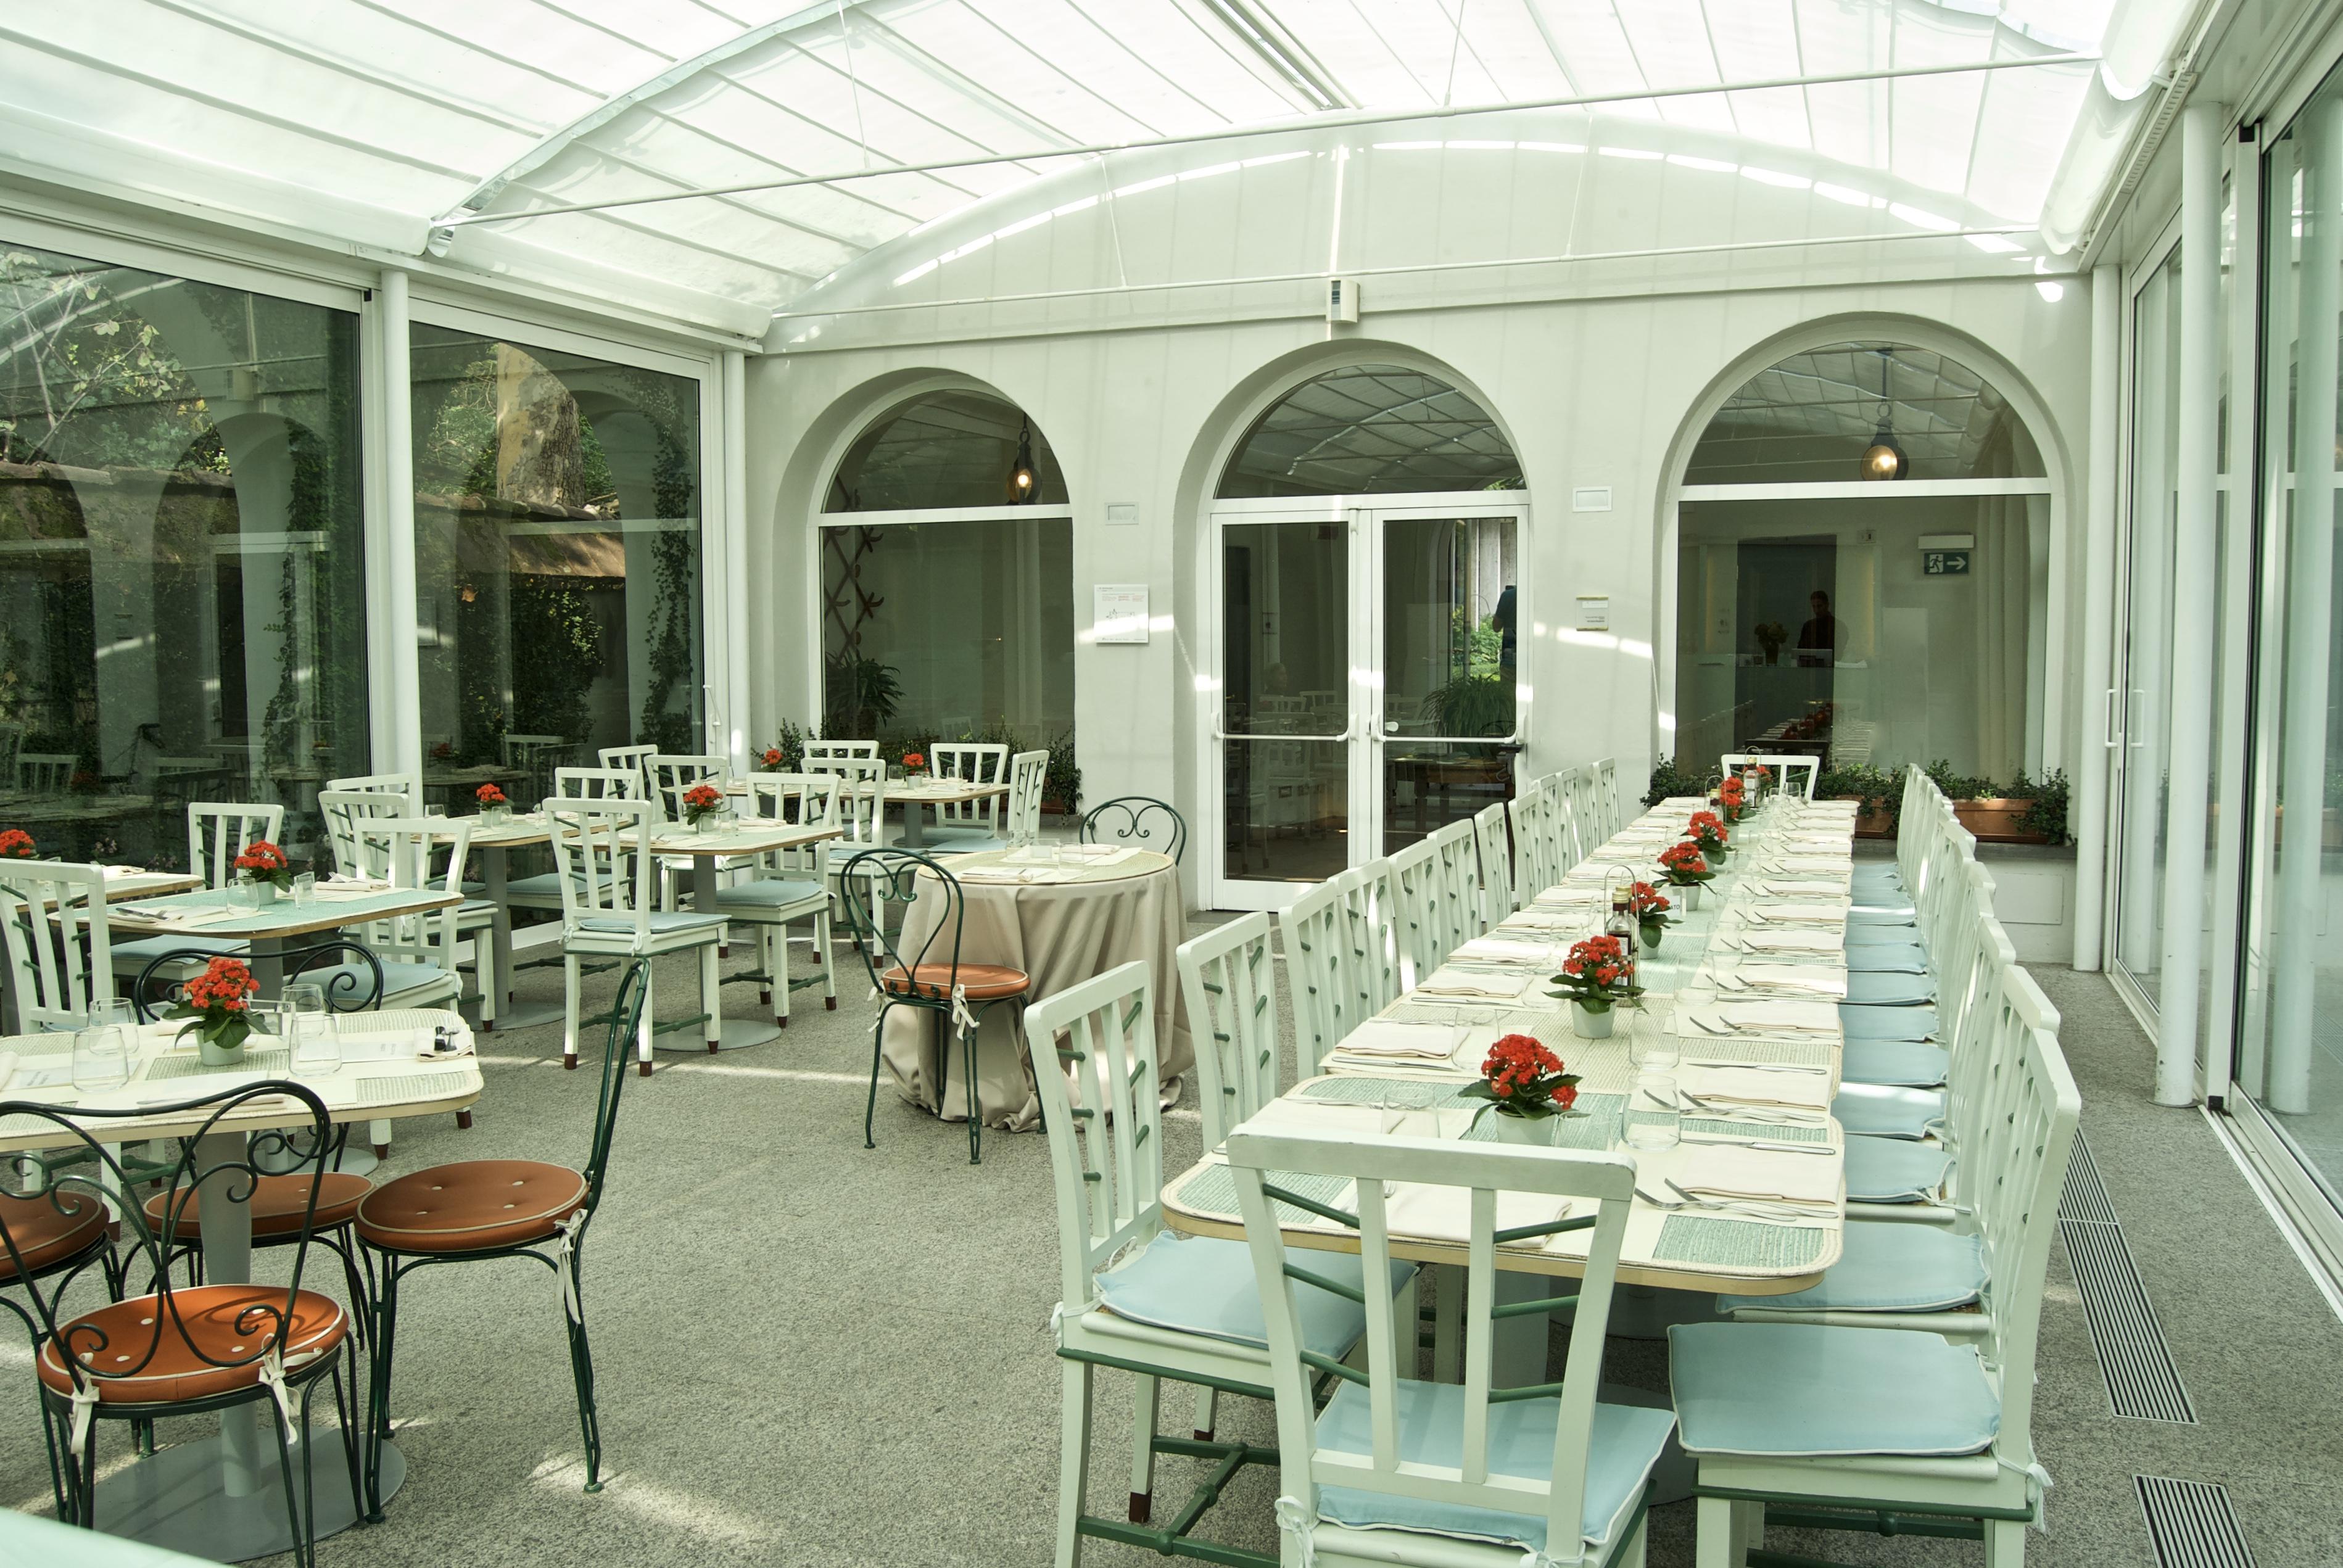 villa arredamenti milano excellent sala da pranzo with